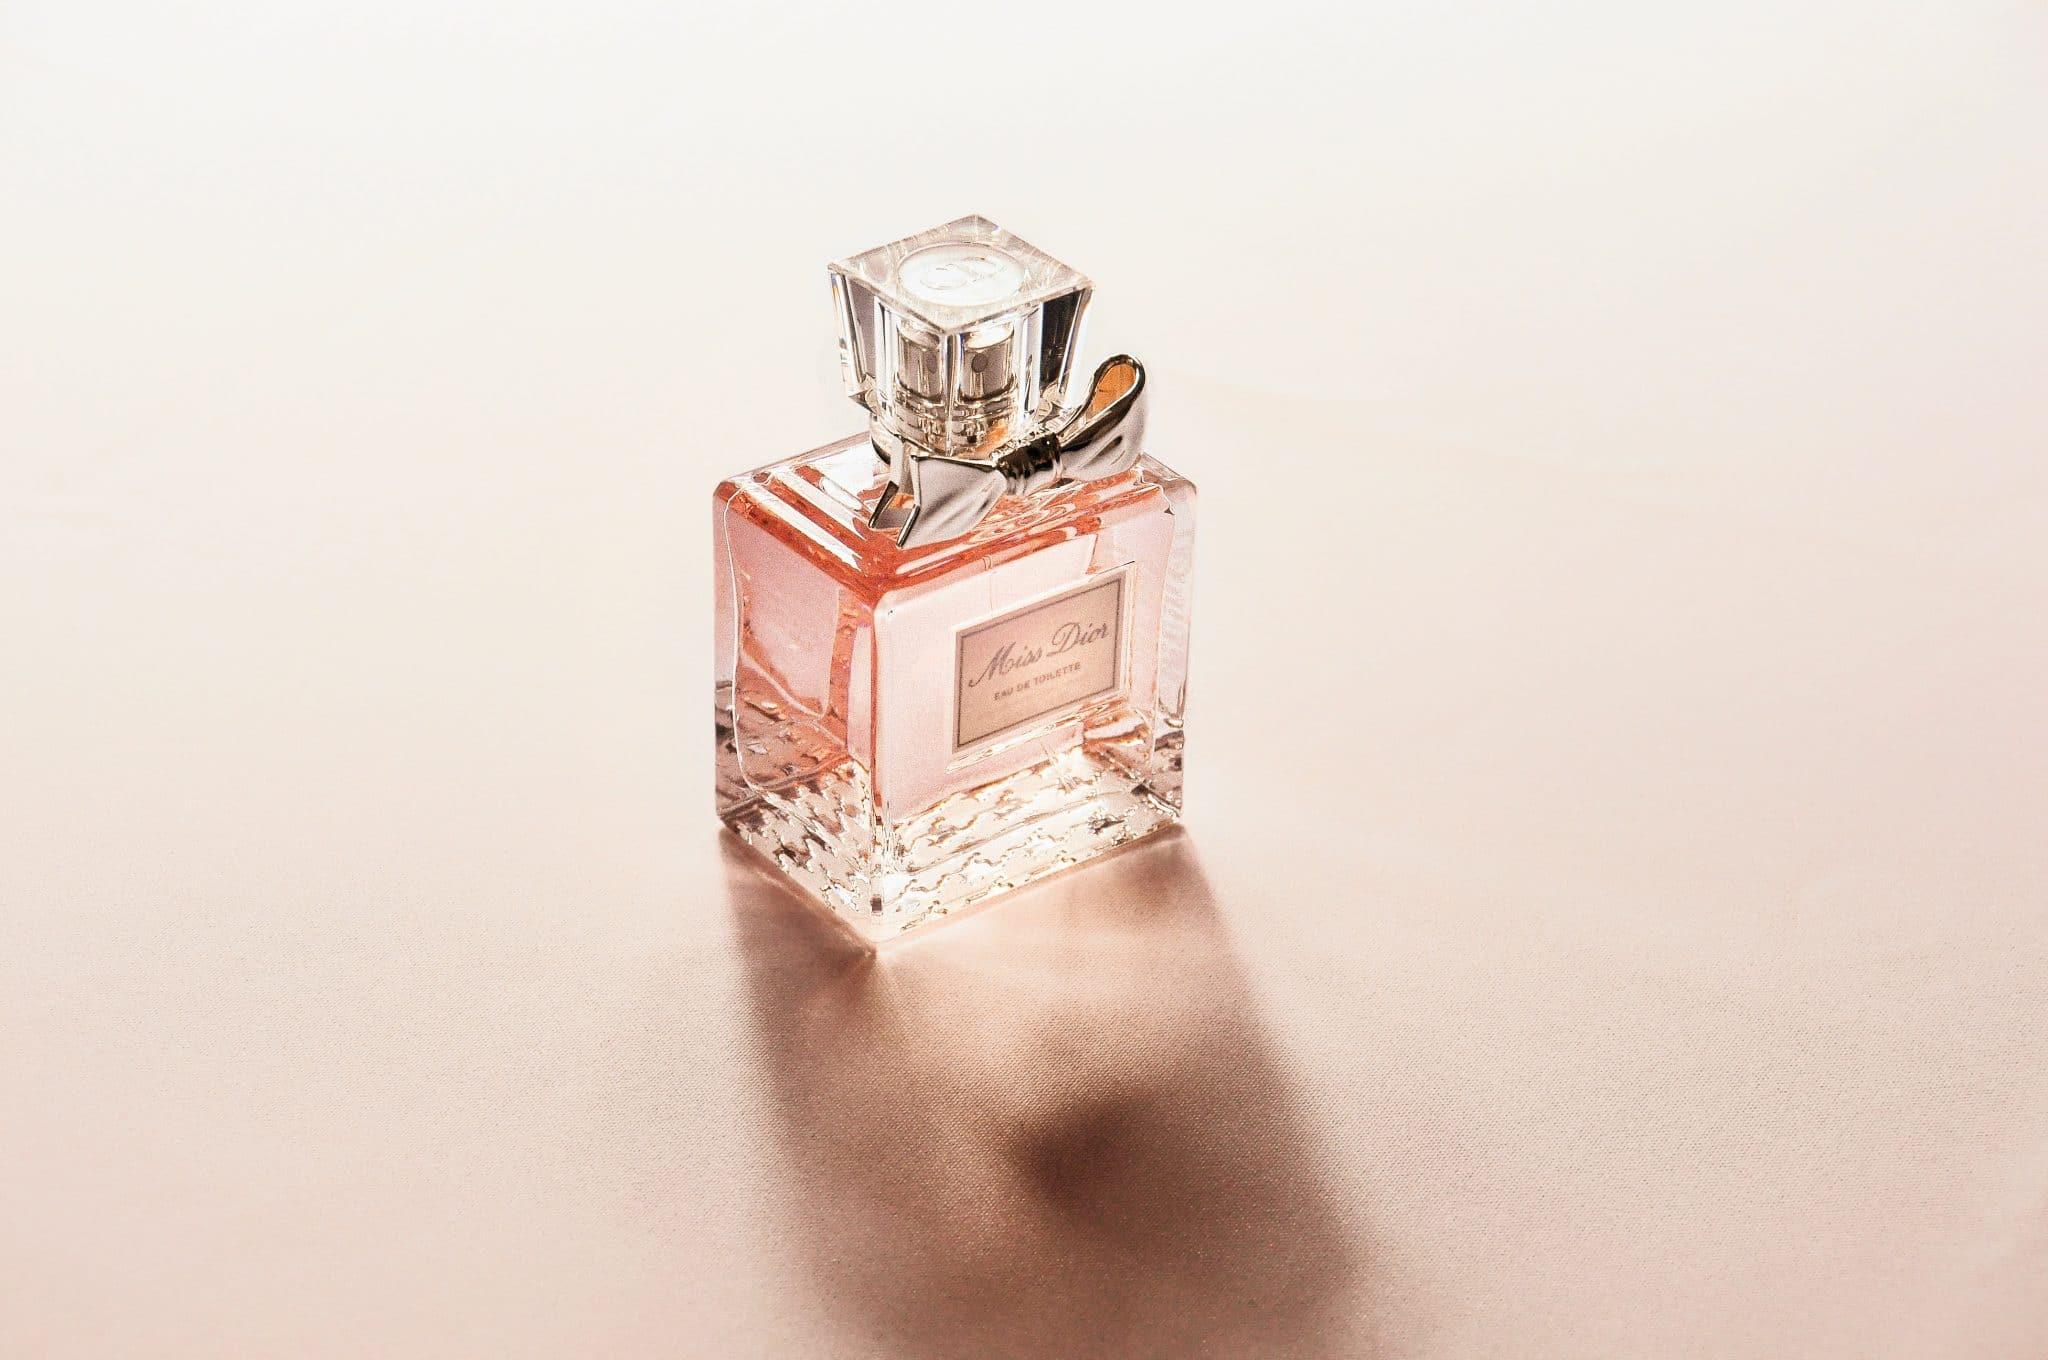 Comment trouver son parfum idéal ?